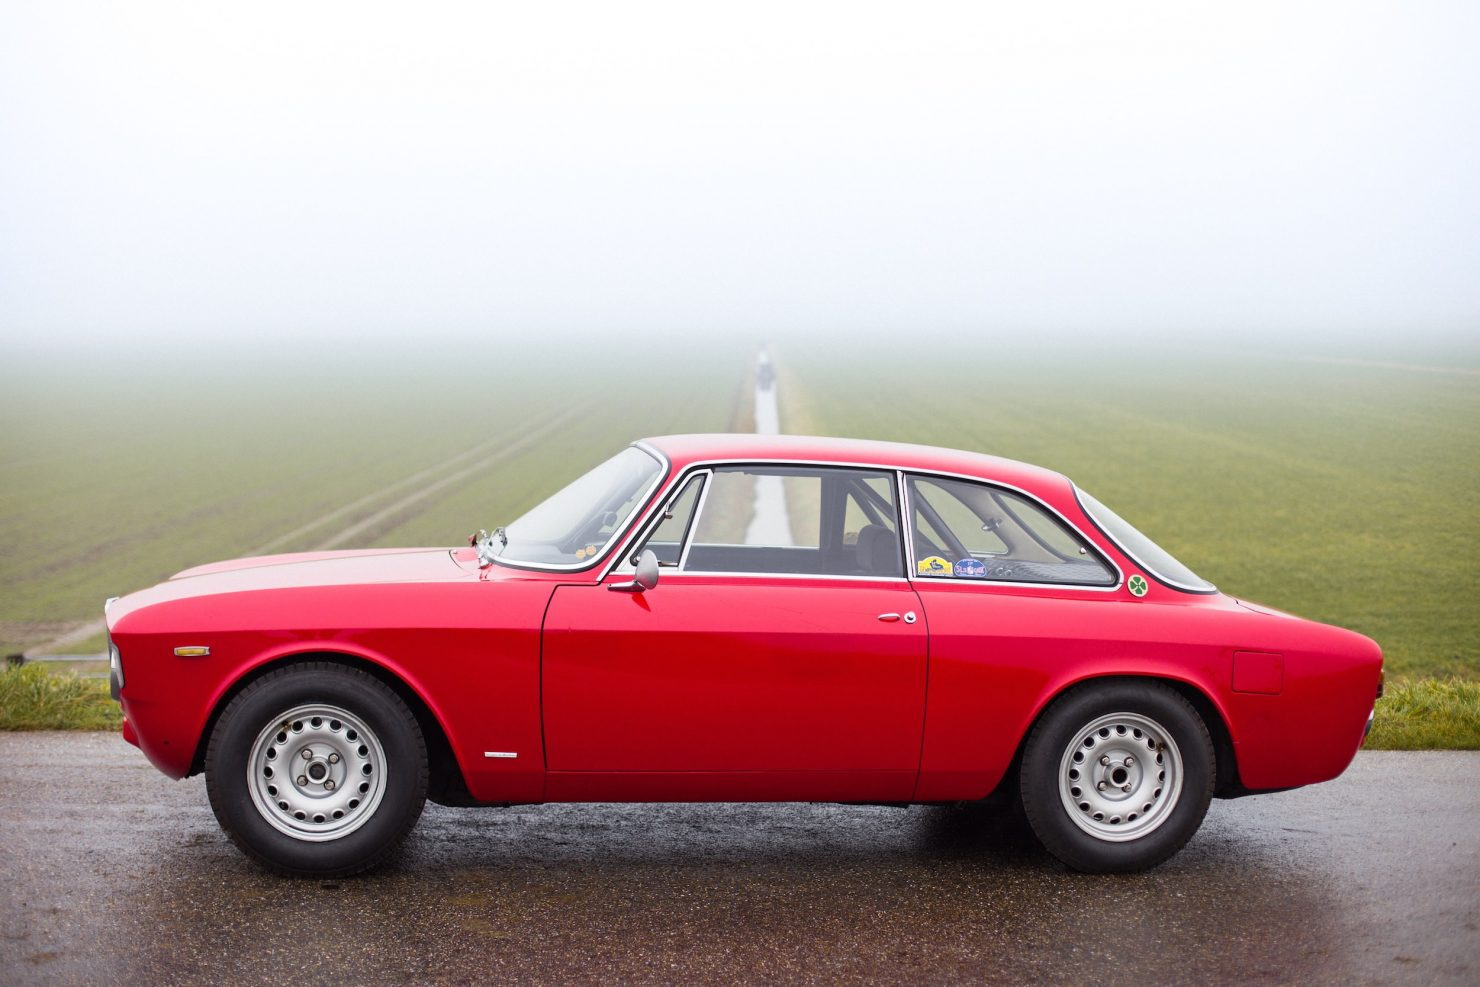 alfa romeo sprint gt veloce 5 1480x987 - 1967 Alfa Romeo Sprint GT Veloce